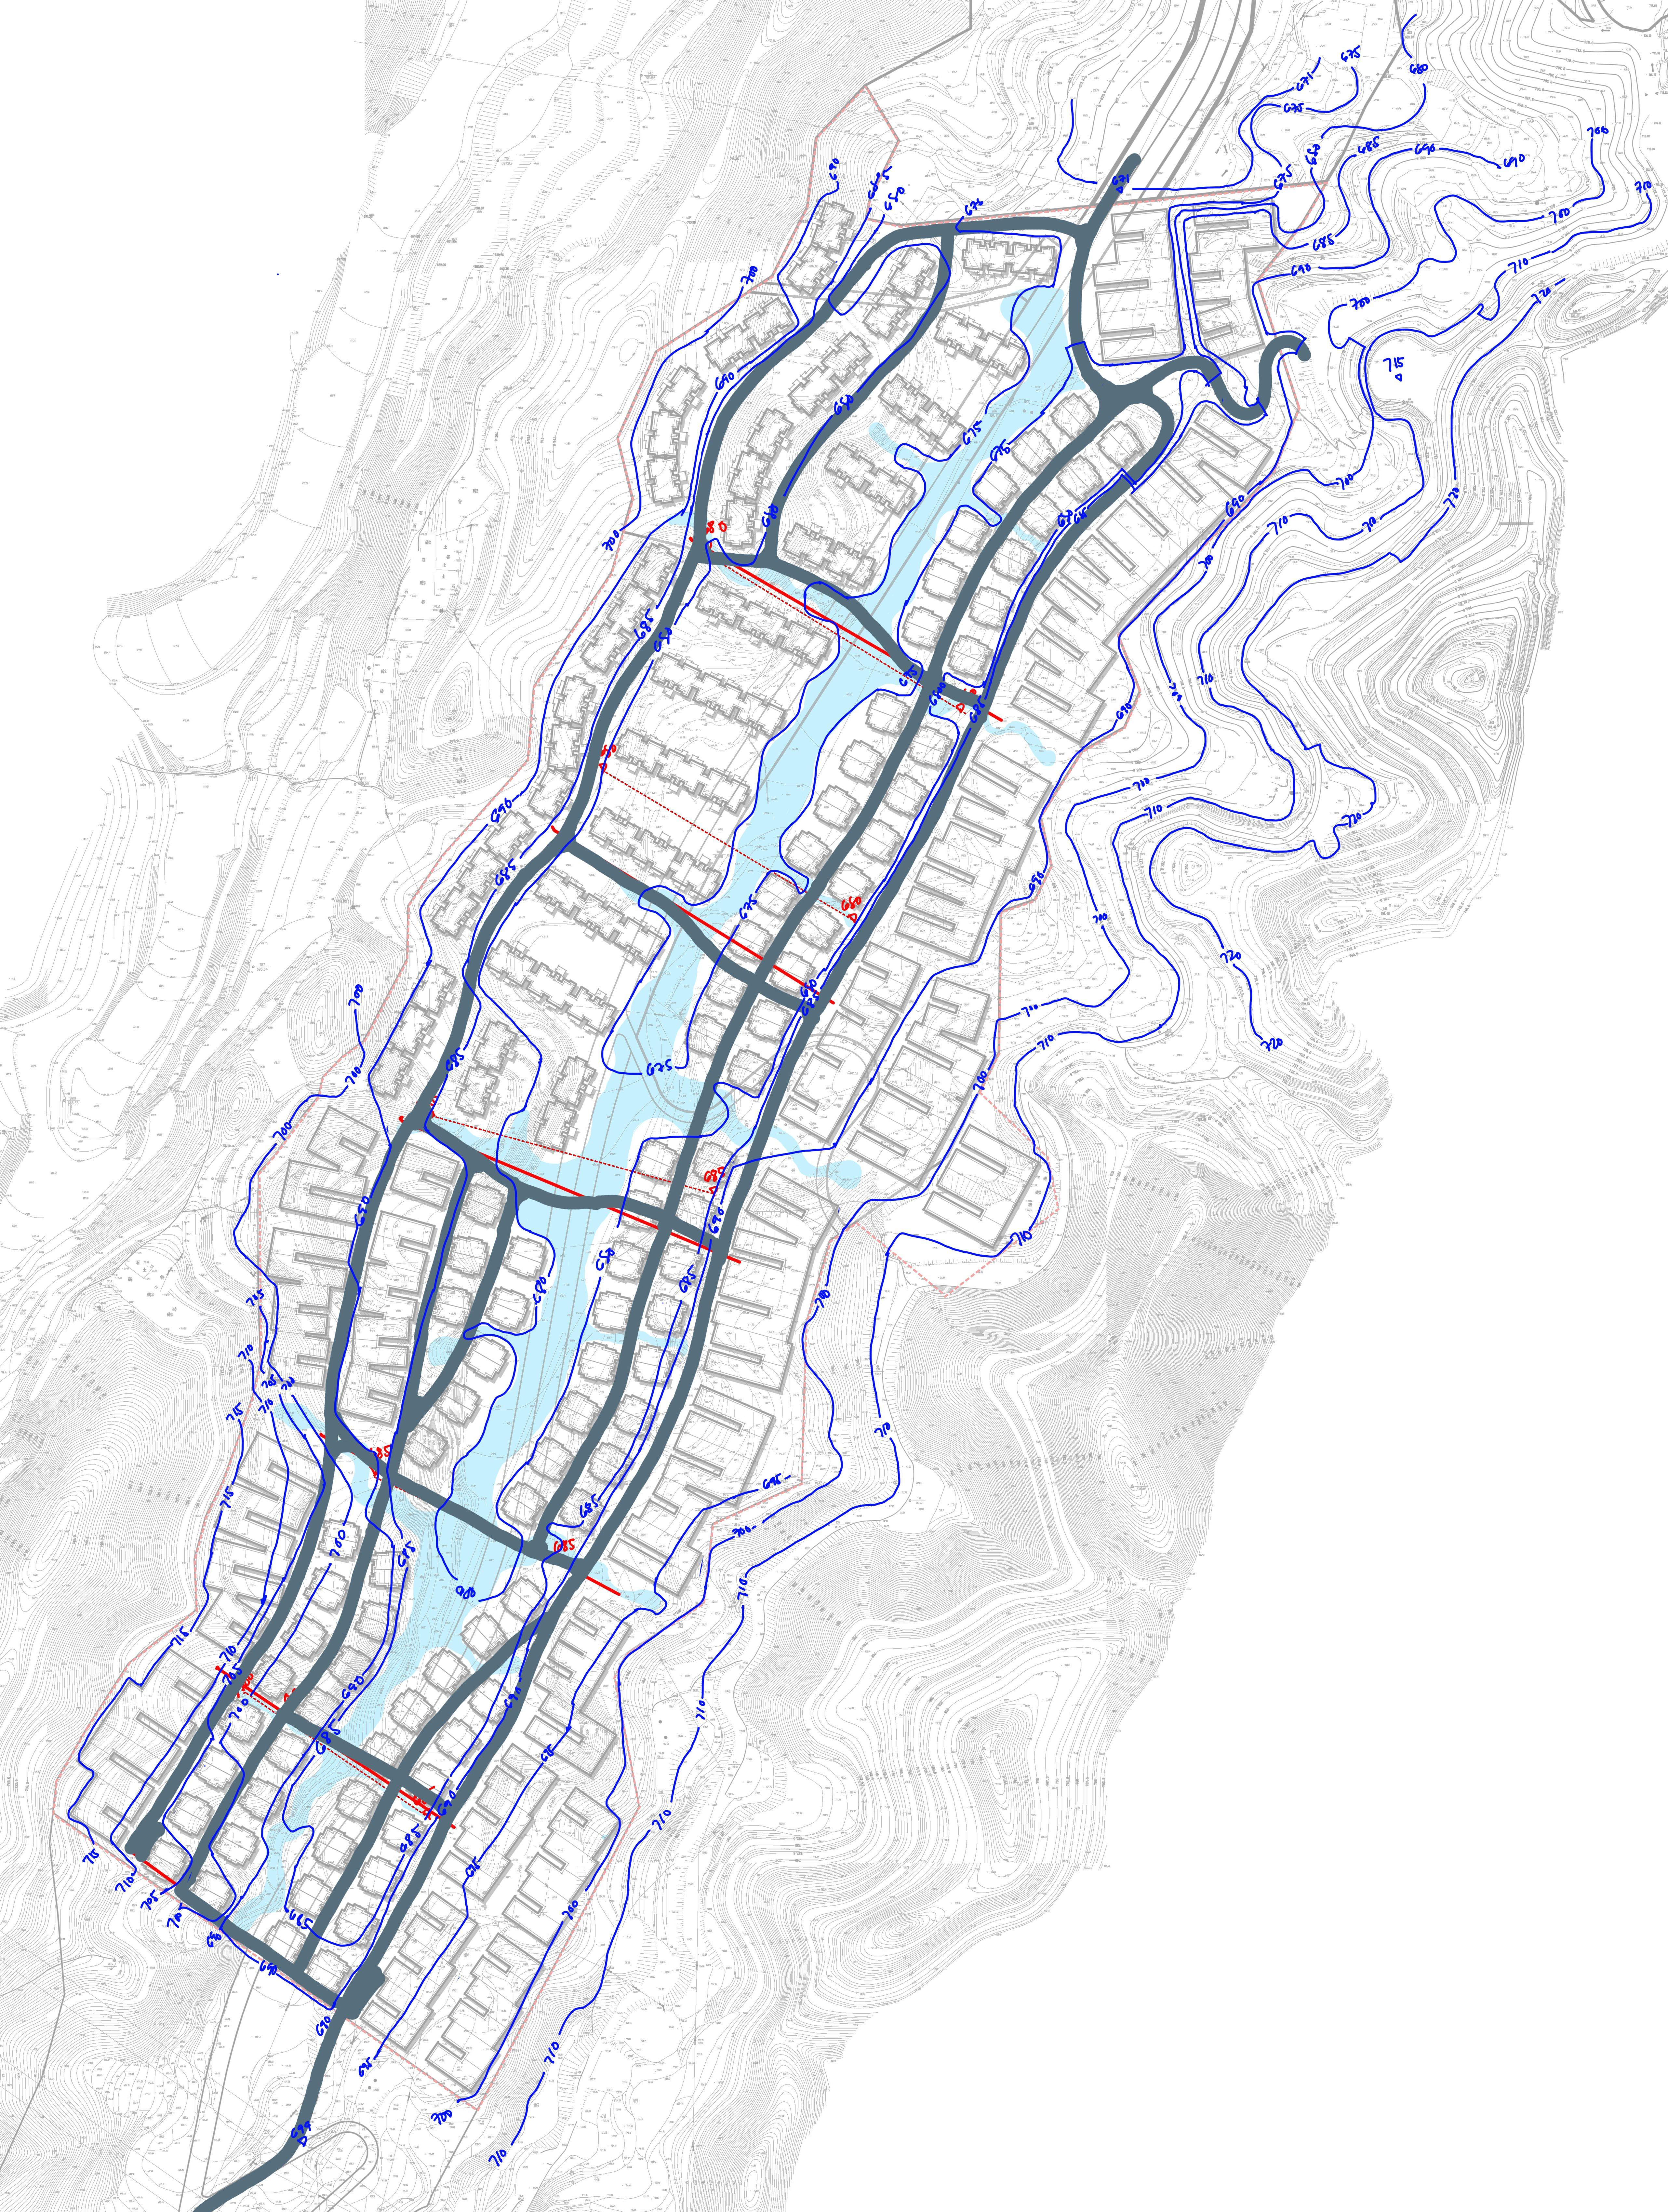 Schematic Contour Design Landscape Contour Preliminary Road Mountain Development Landscape Master Plan Contour